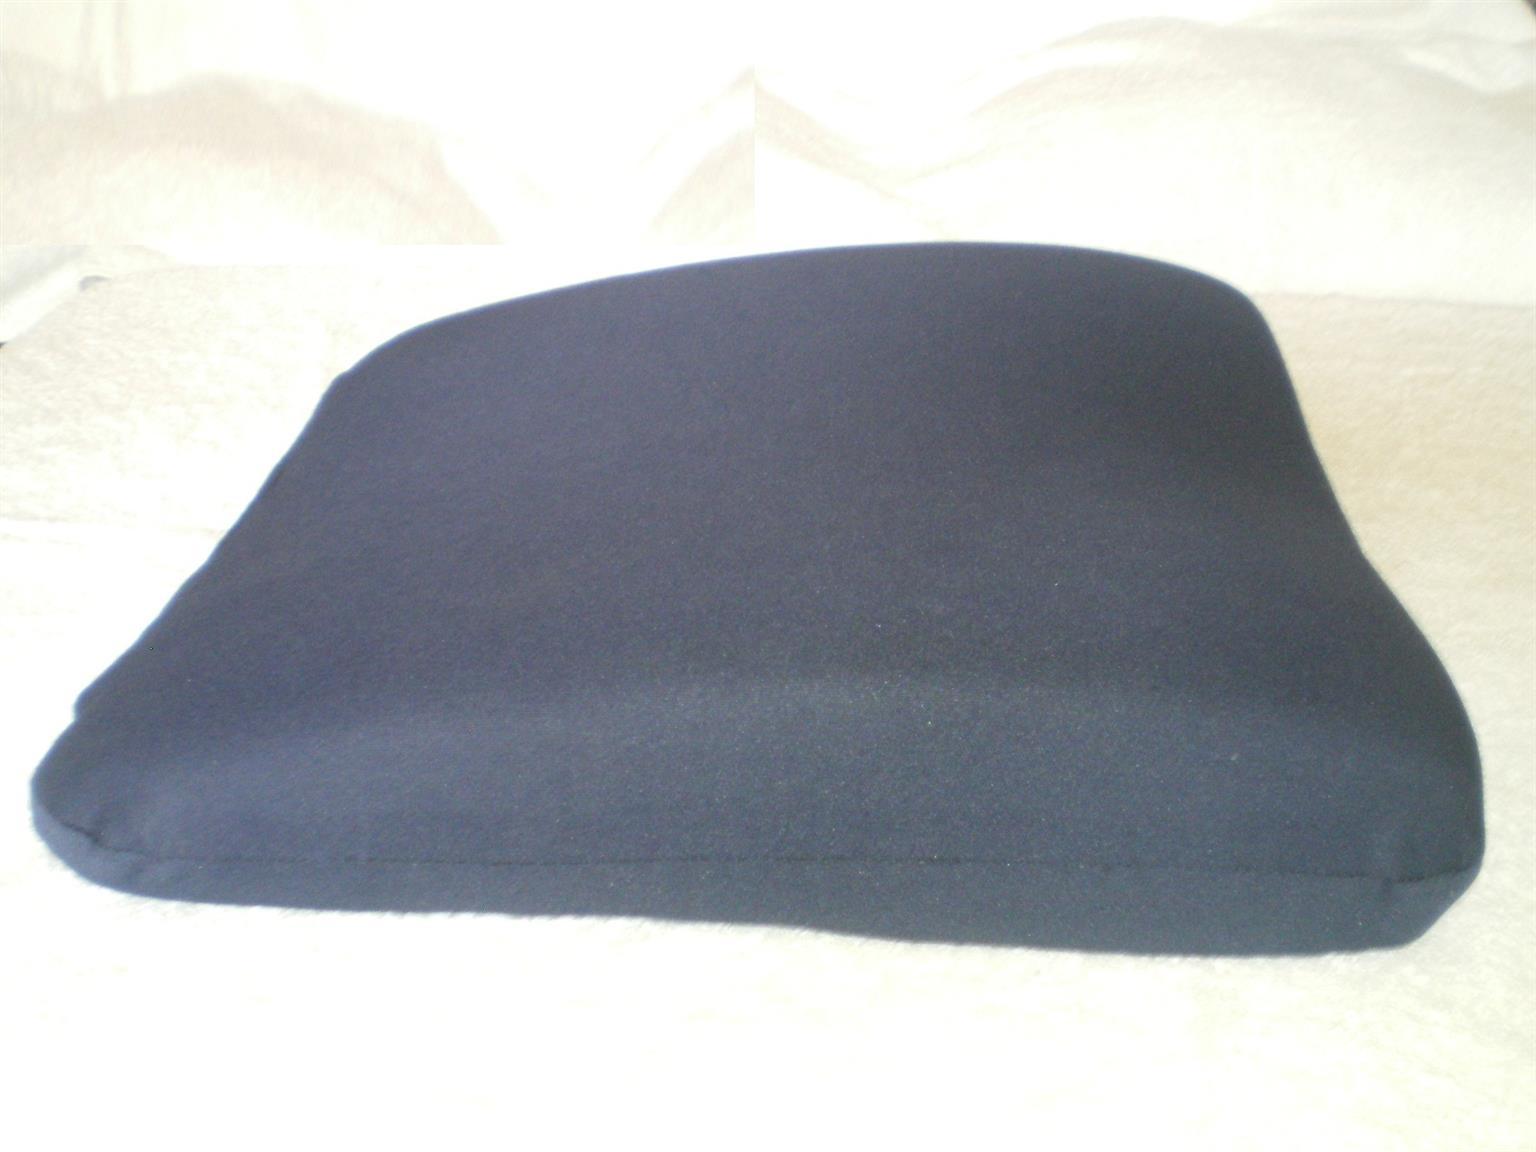 Lumbar / Back Support Cushion